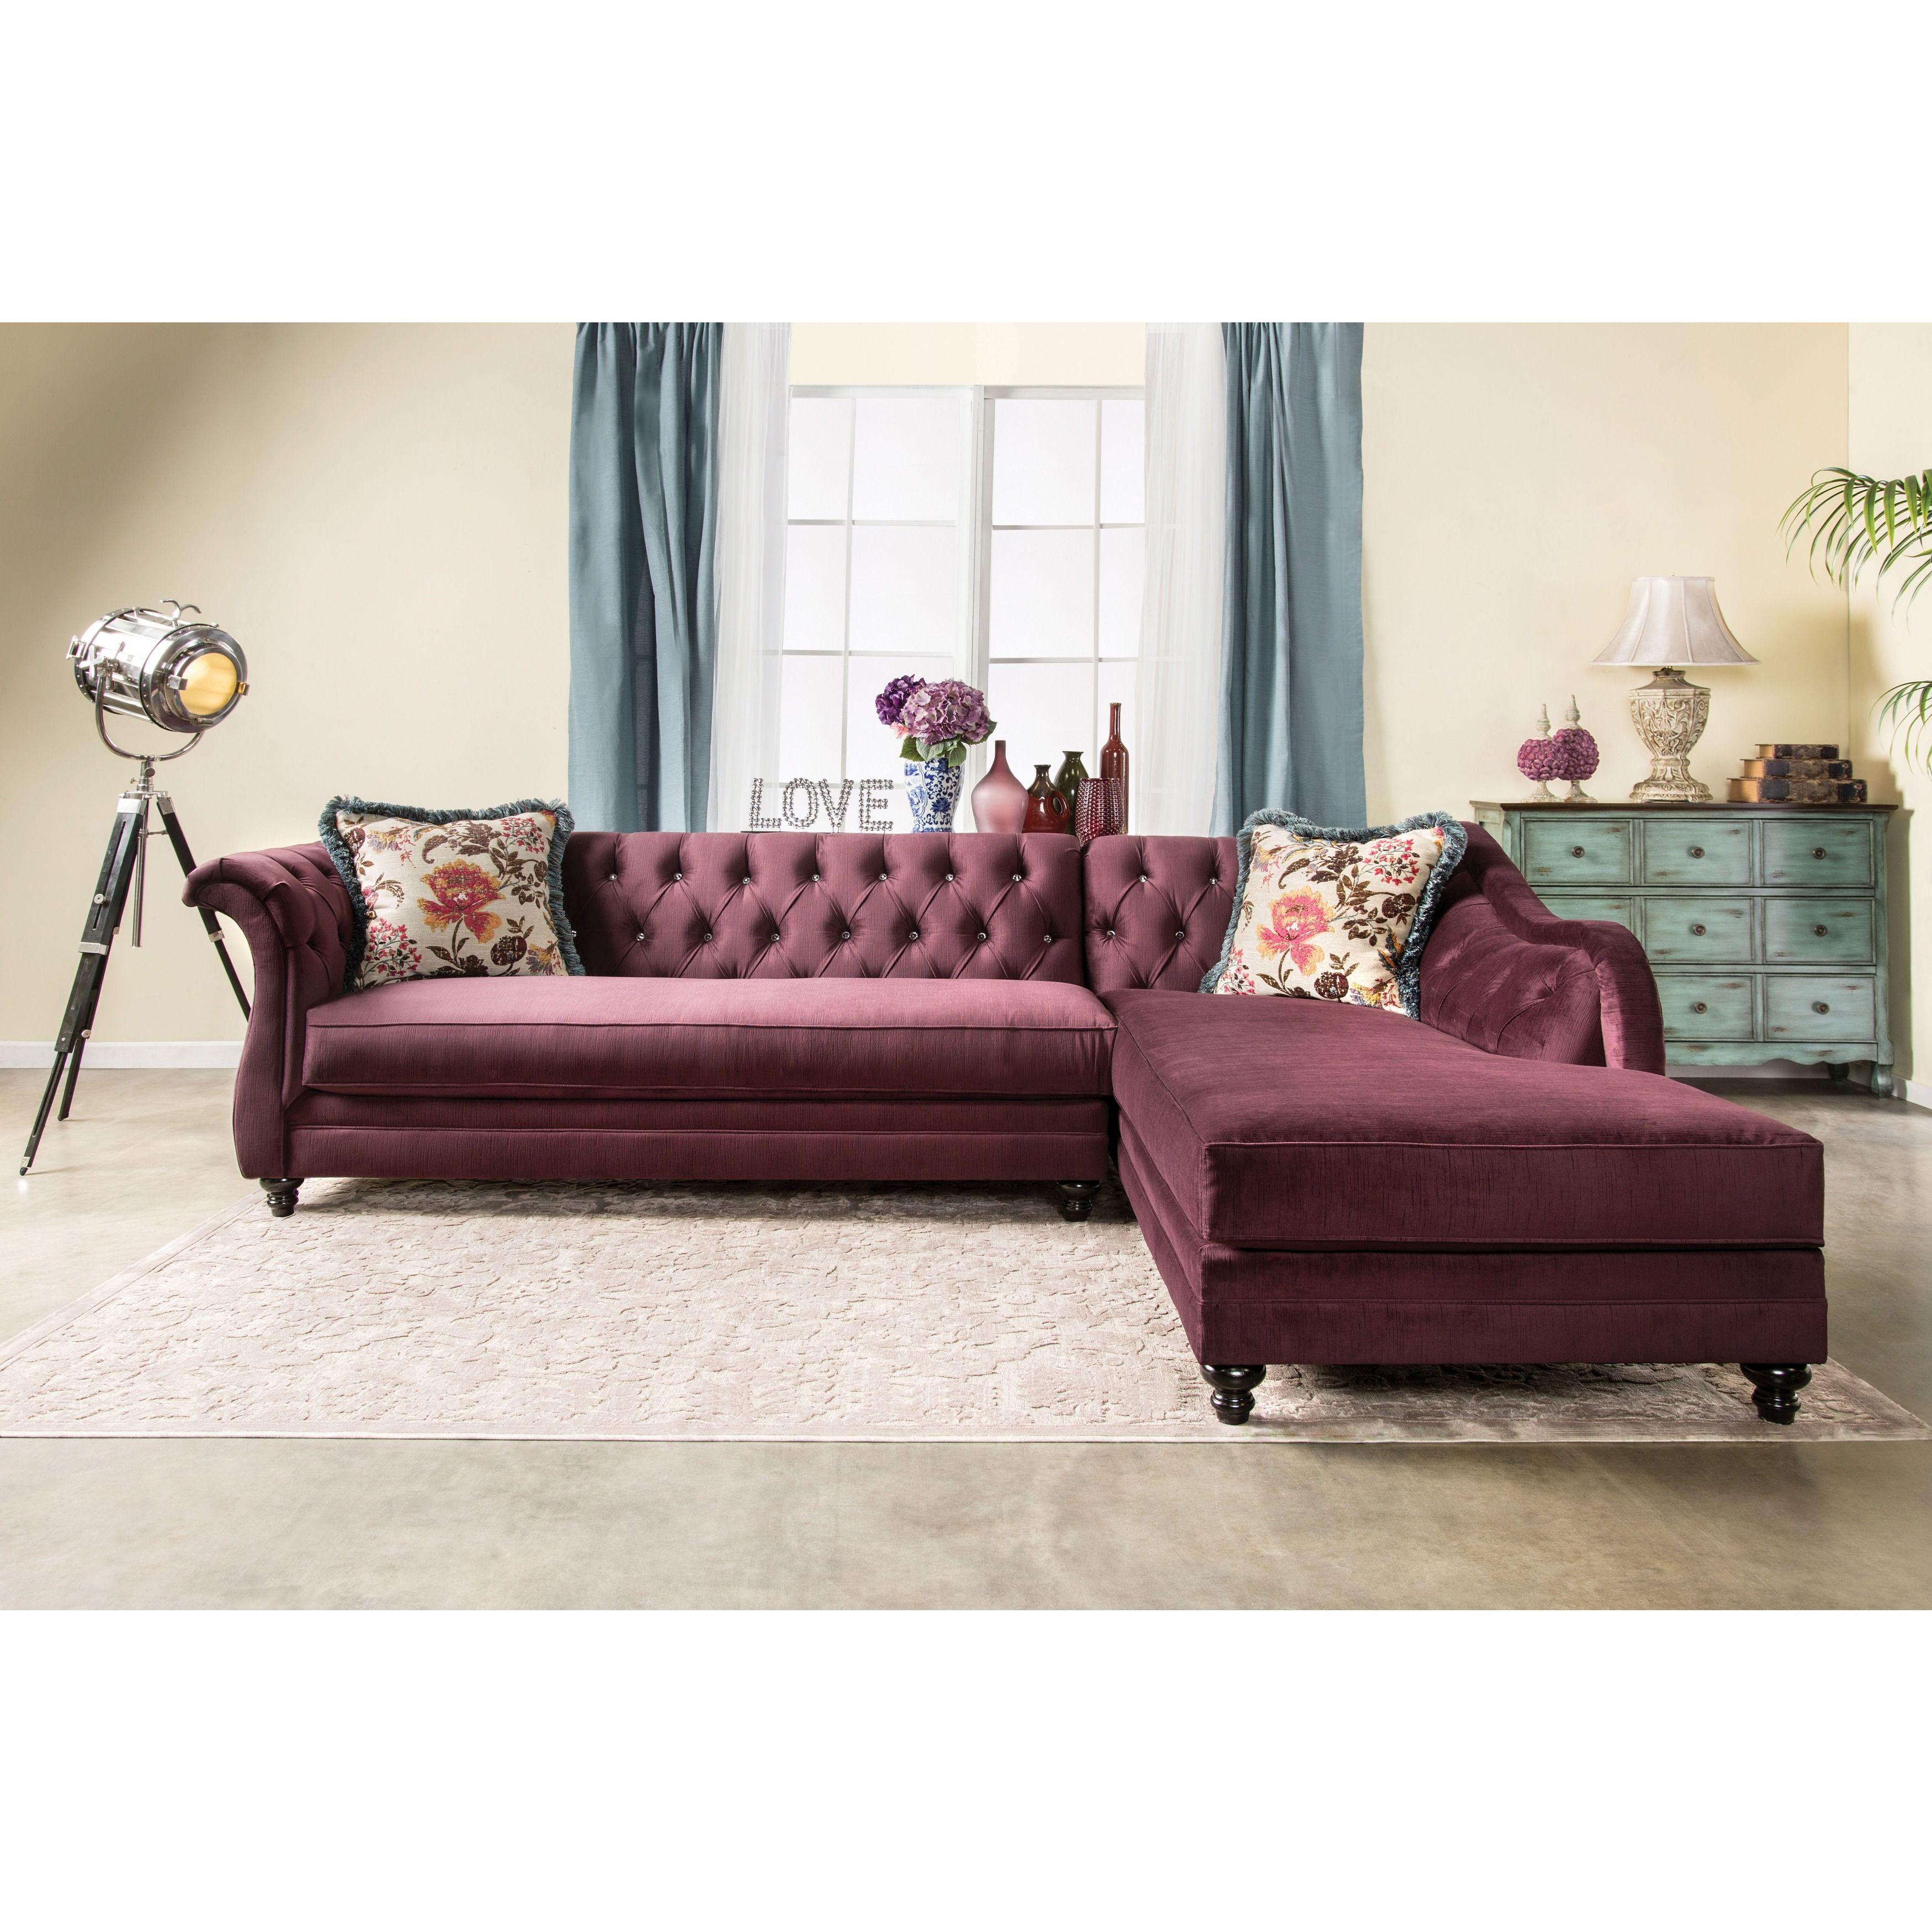 Furniture of America Elegant Aristocrat Tufted Sectional Plum